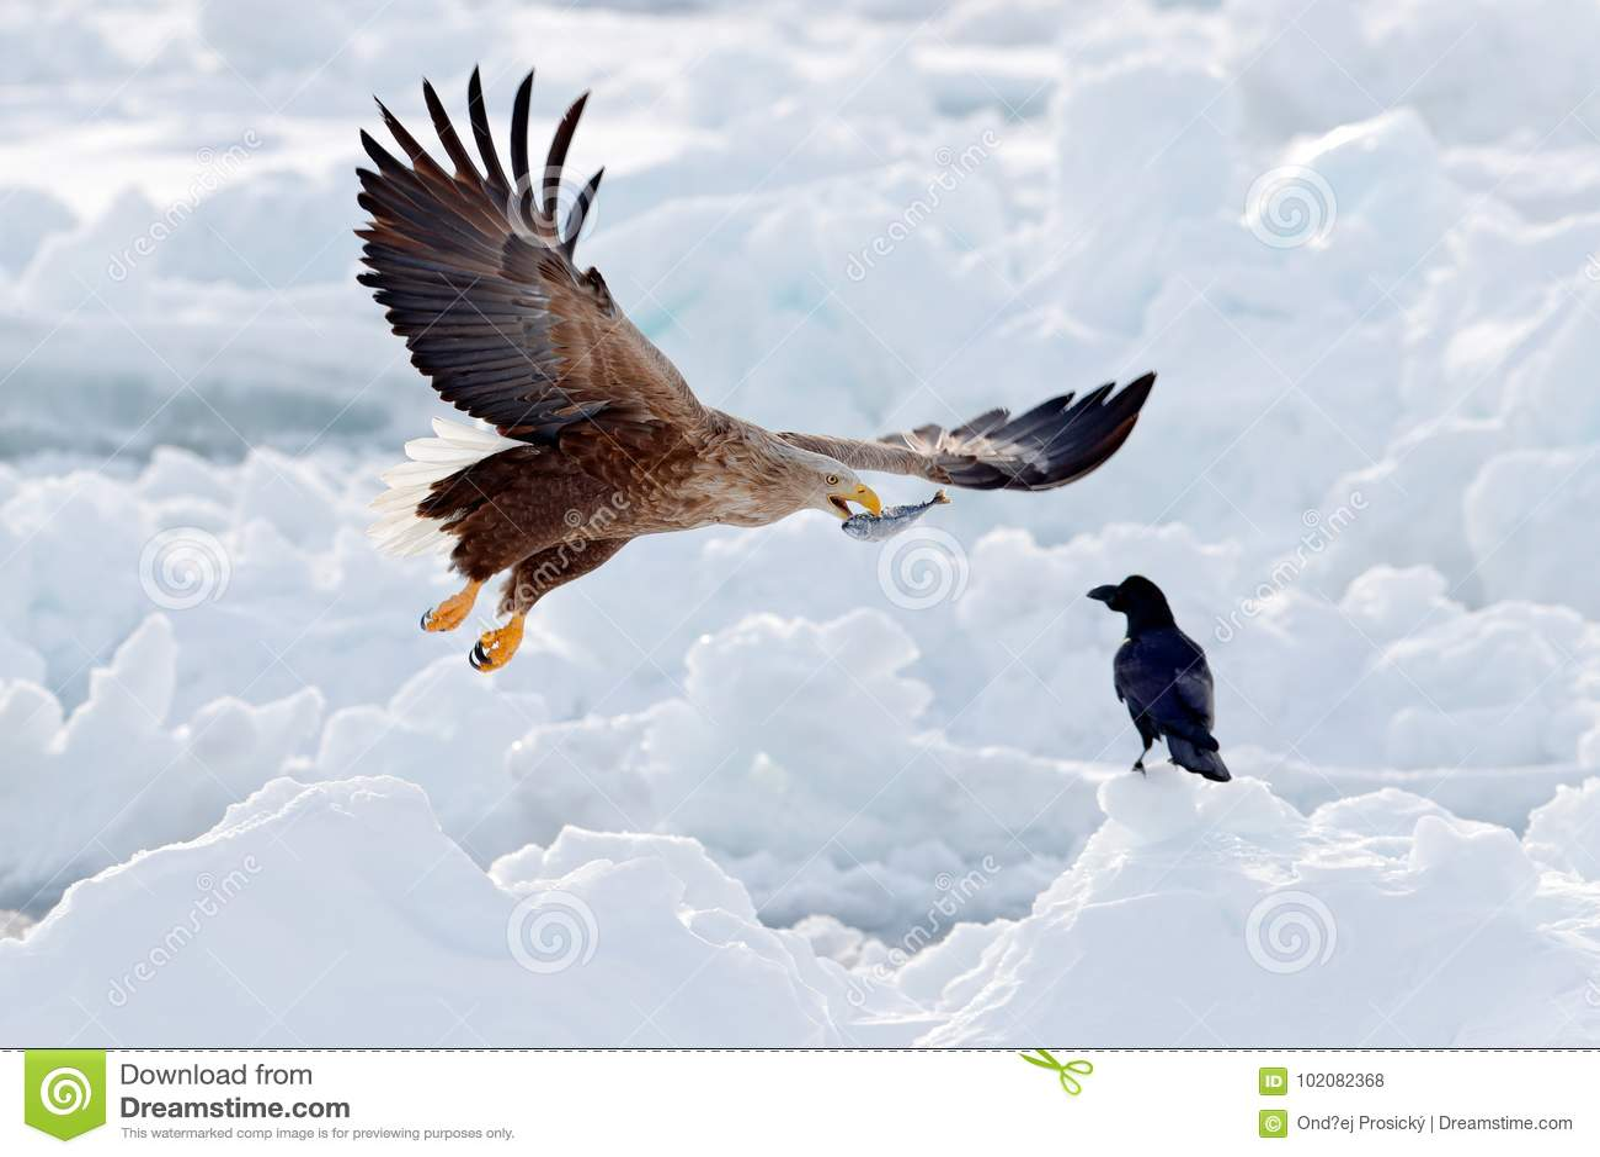 Lucha de Eagle con los pescados Escena del invierno con el ave rapaz dos Águilas grandes, mar de la nieve Águila Blanco-atada vue